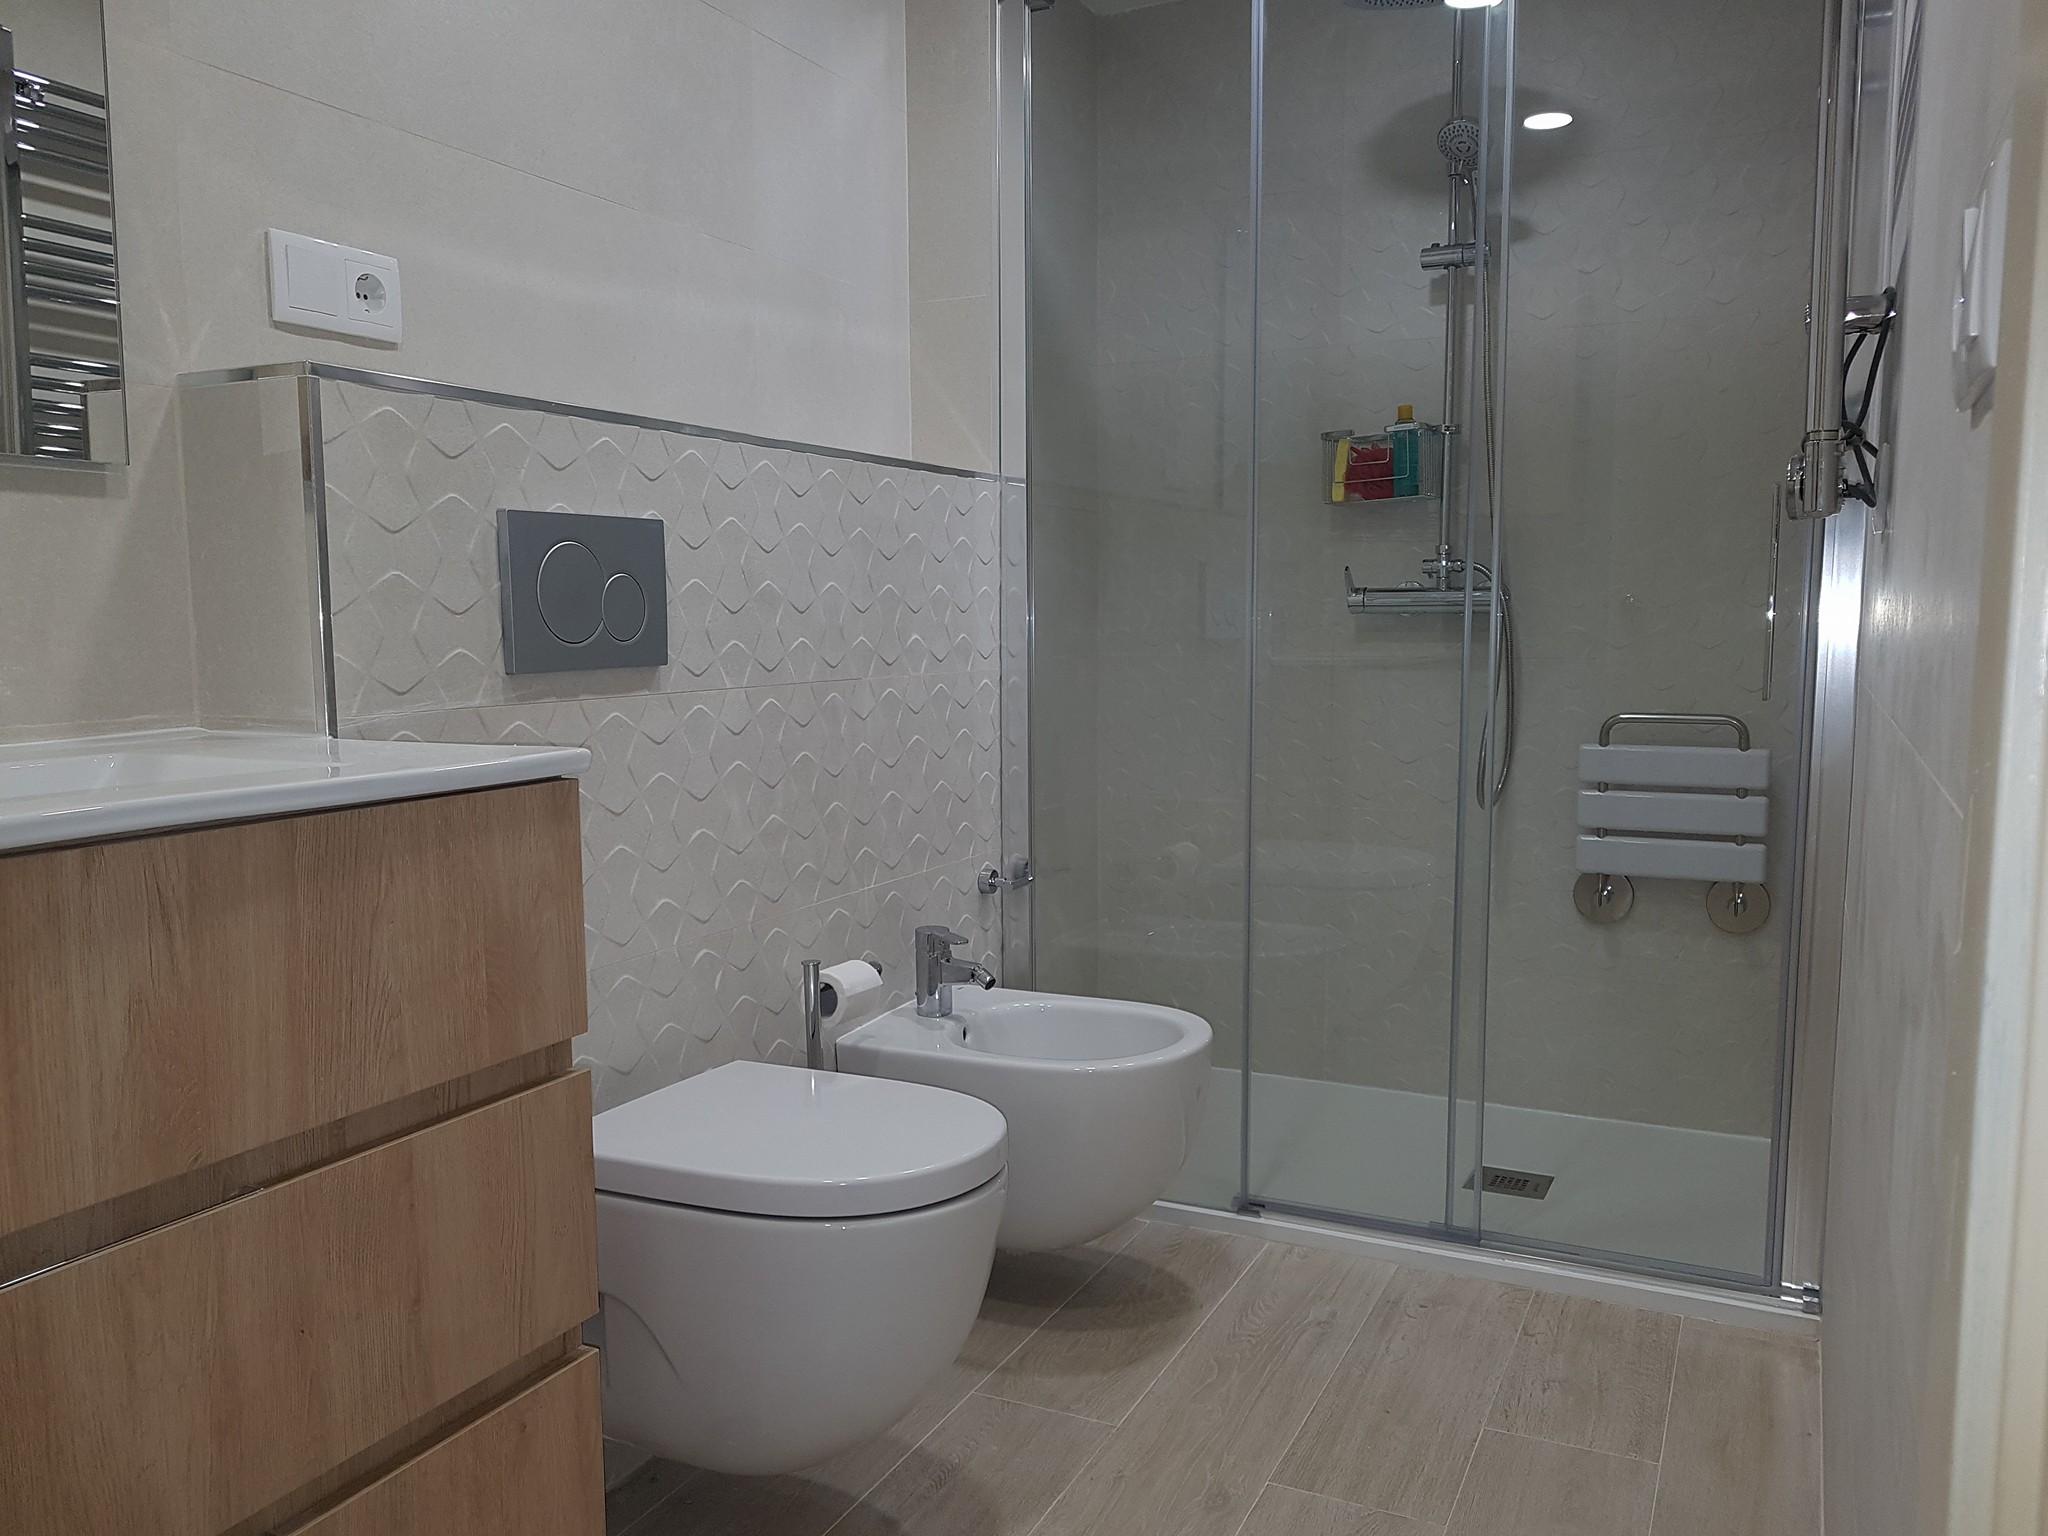 Ducha, Inodoro, Mueble de baño